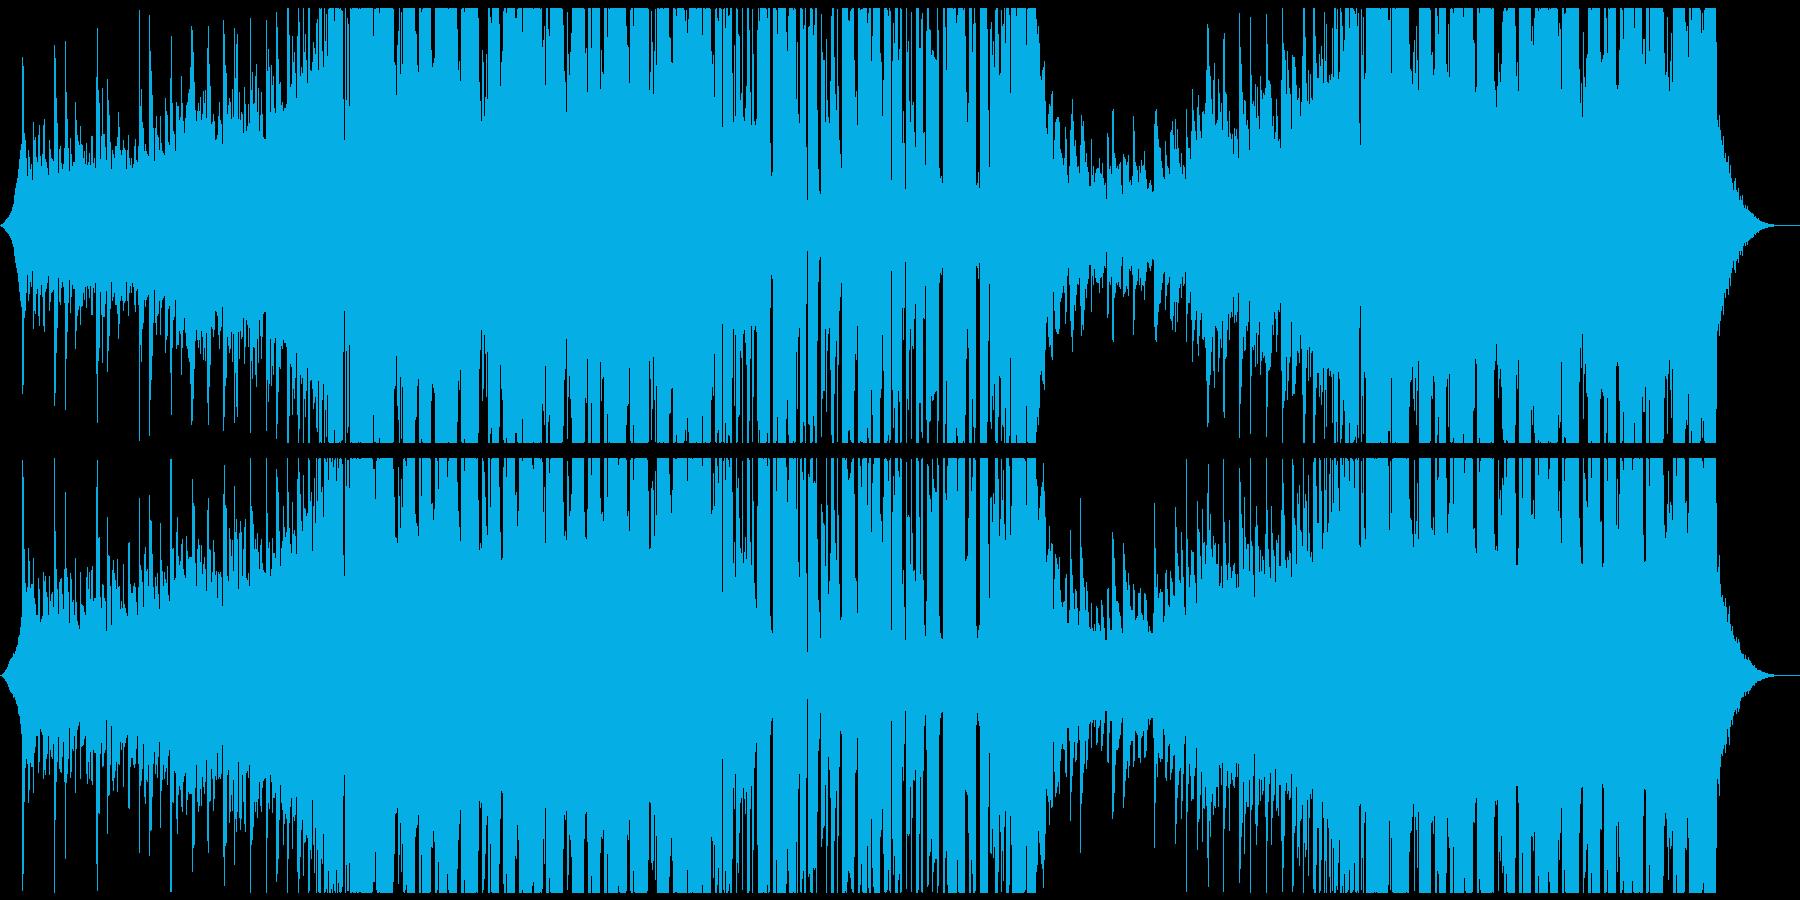 ちょっと切ない和風EDMの再生済みの波形